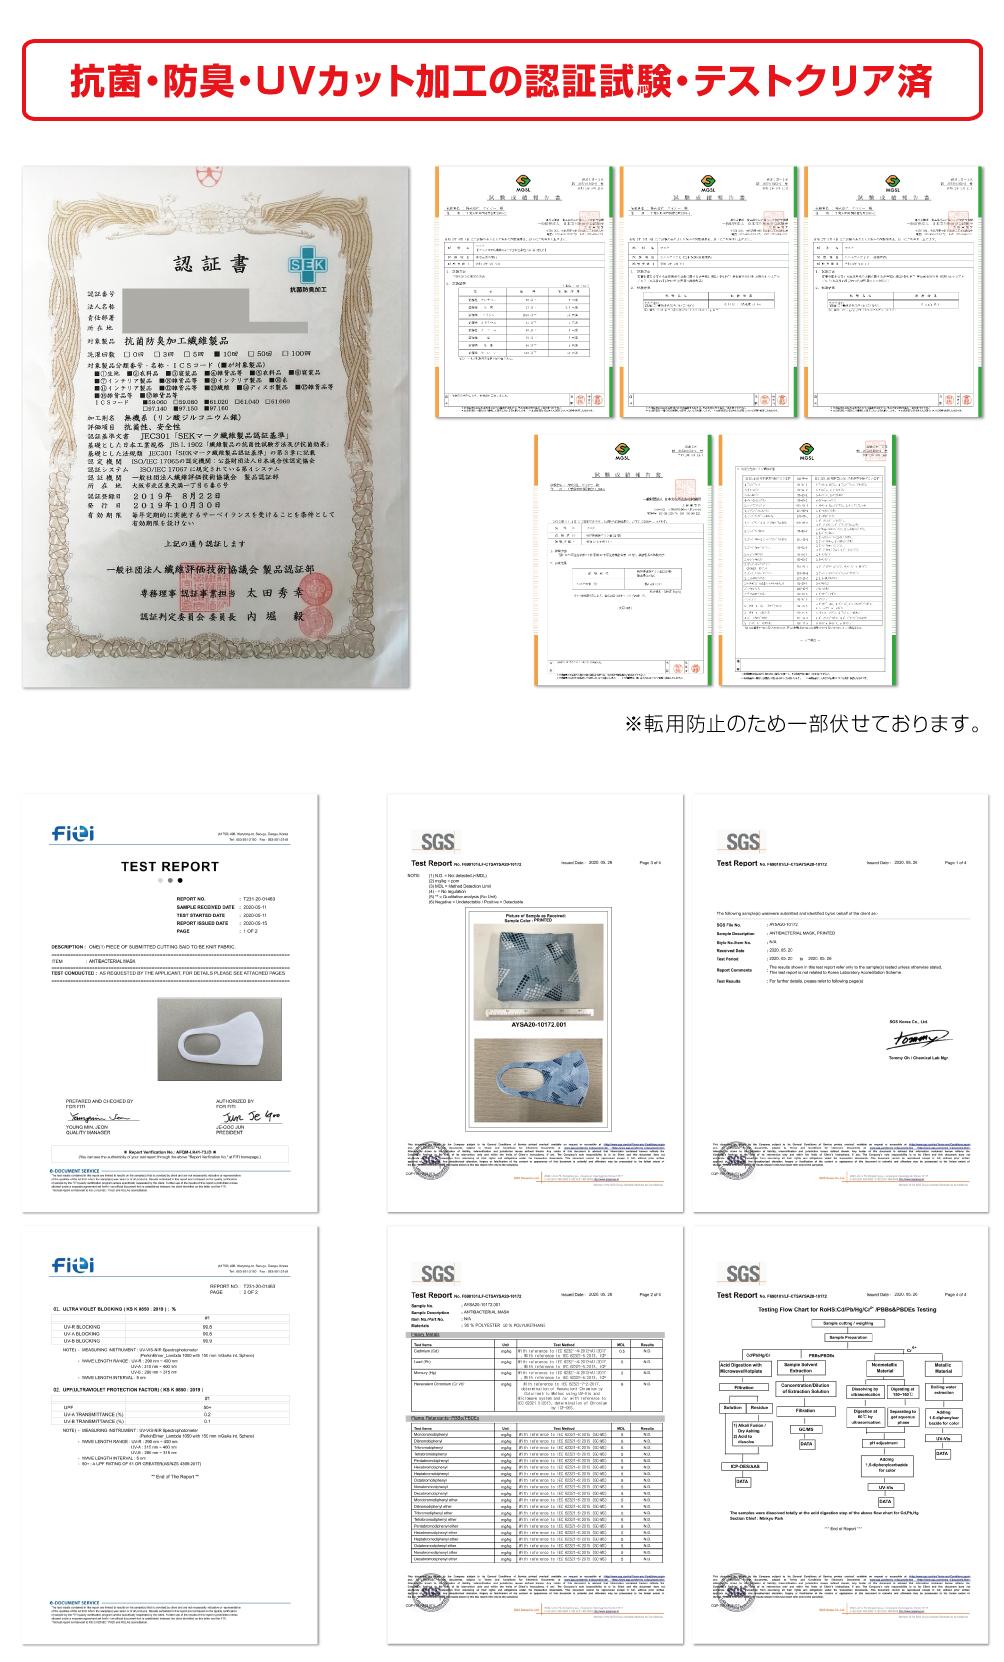 抗菌・防臭・UVカット加工の認証試験・テストクリア済みです。